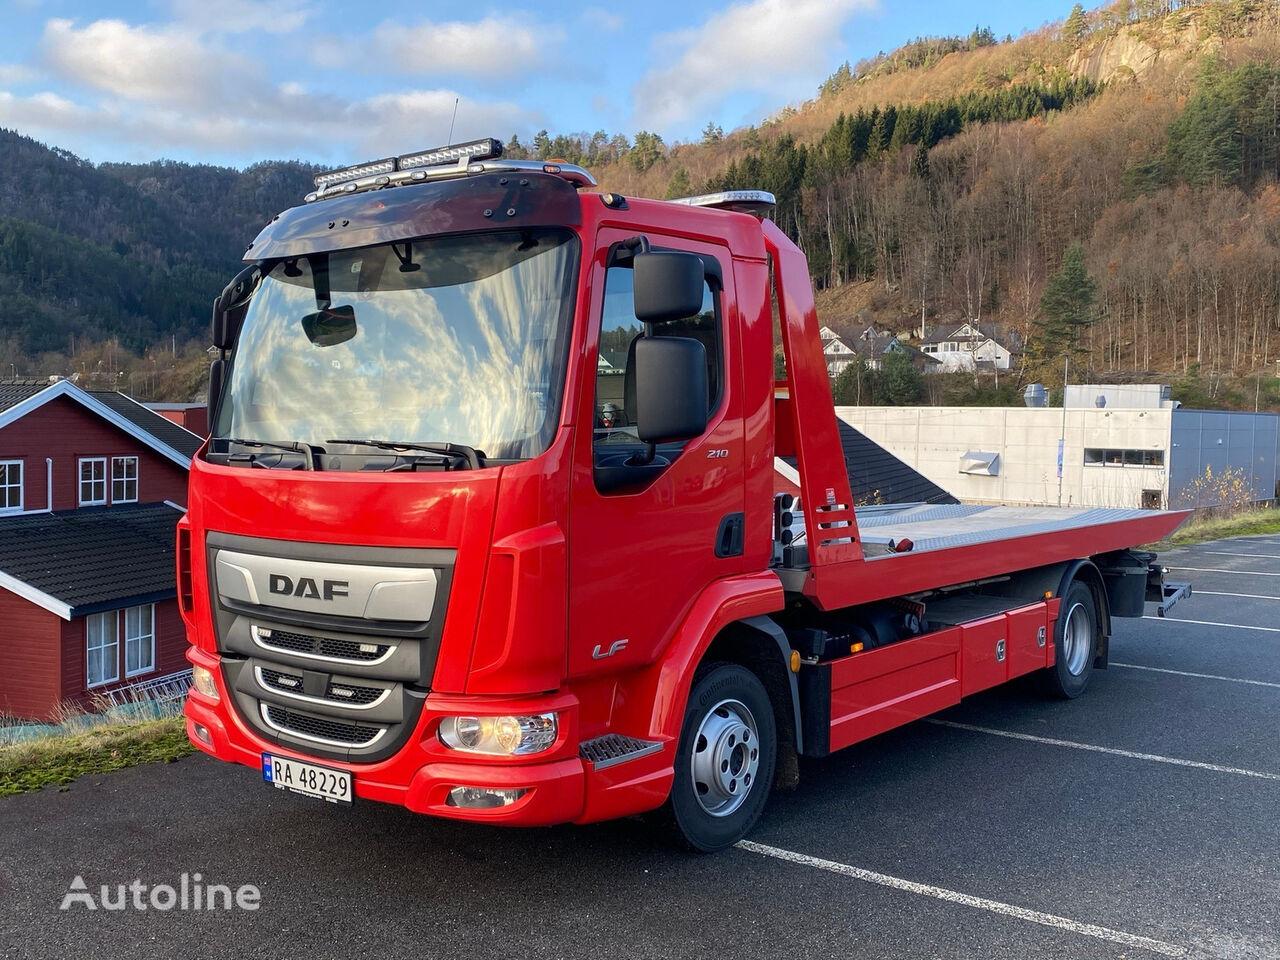 DAF LF 8,3t 213 hk tow truck